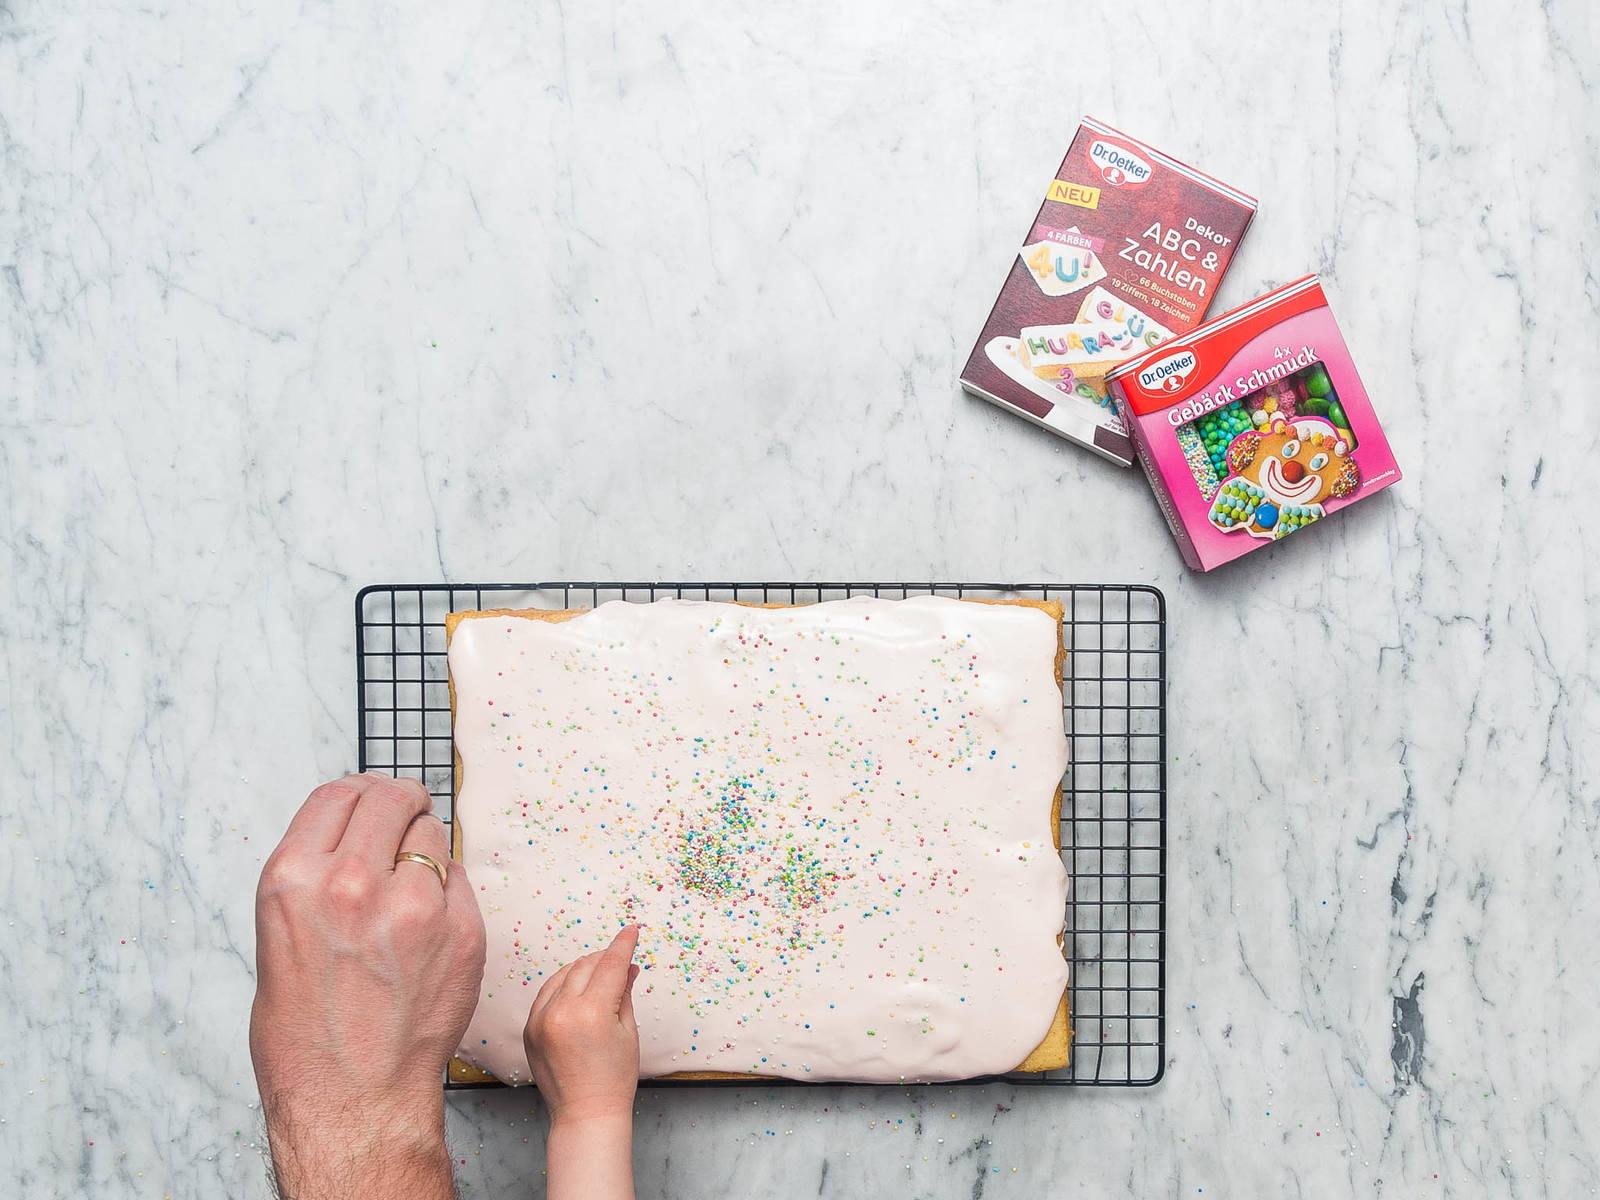 在蛋糕上均匀抹上糖霜,若喜欢,可撒上糖屑。尽情享用吧!